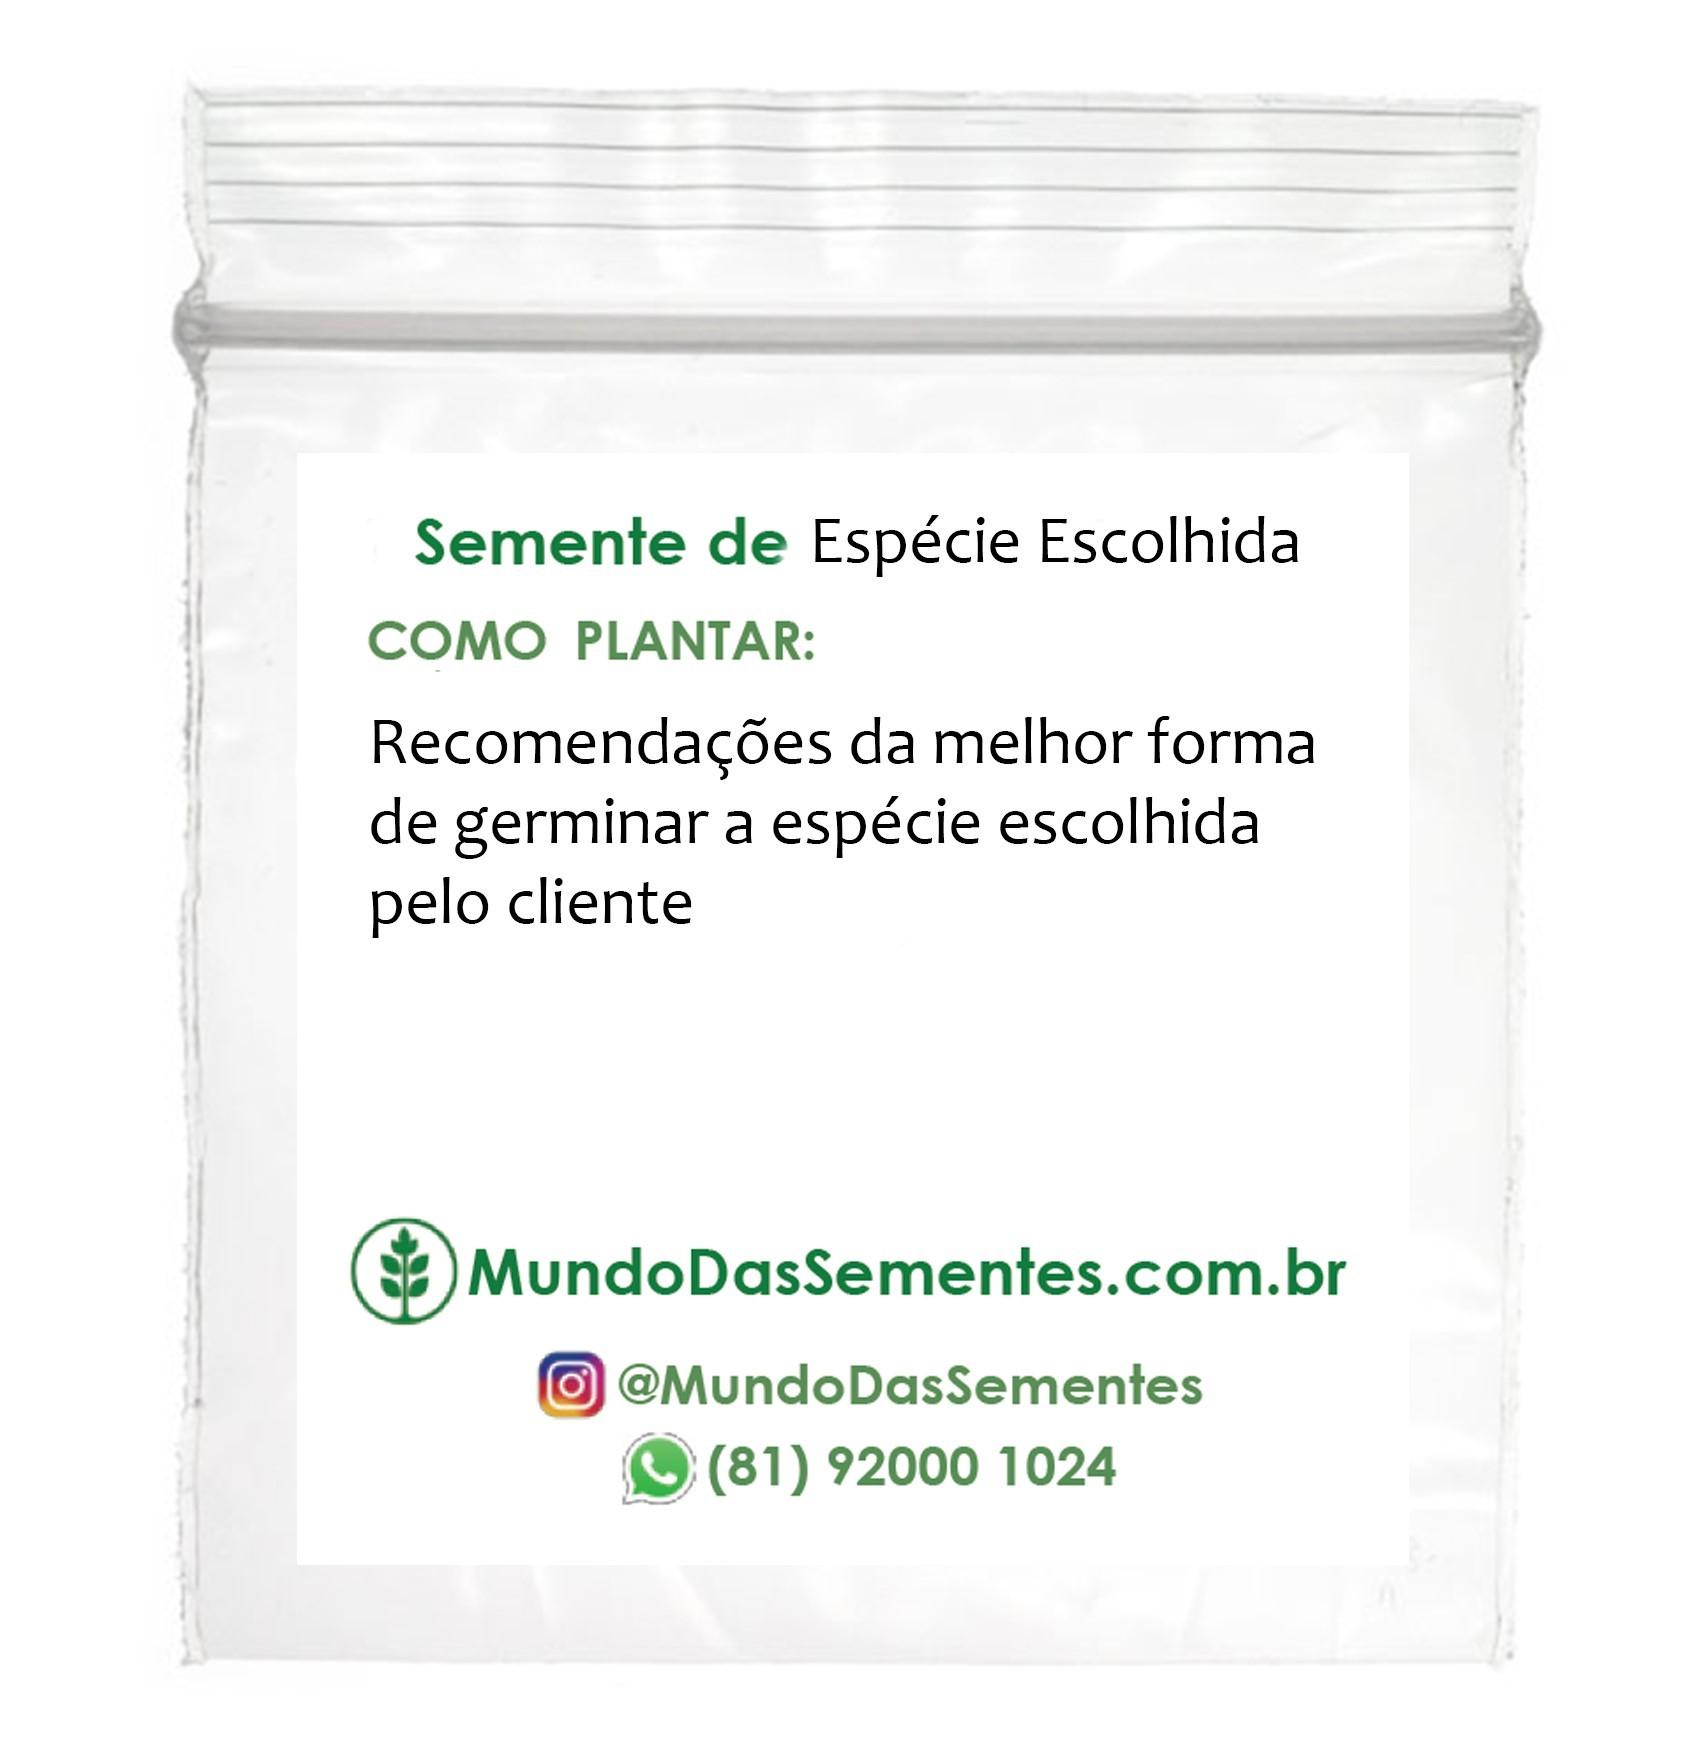 100 Brindes Ecológicos com Sementes – Ziplock 4x4cm com Etiqueta Personalizada - Mundo das Sementes